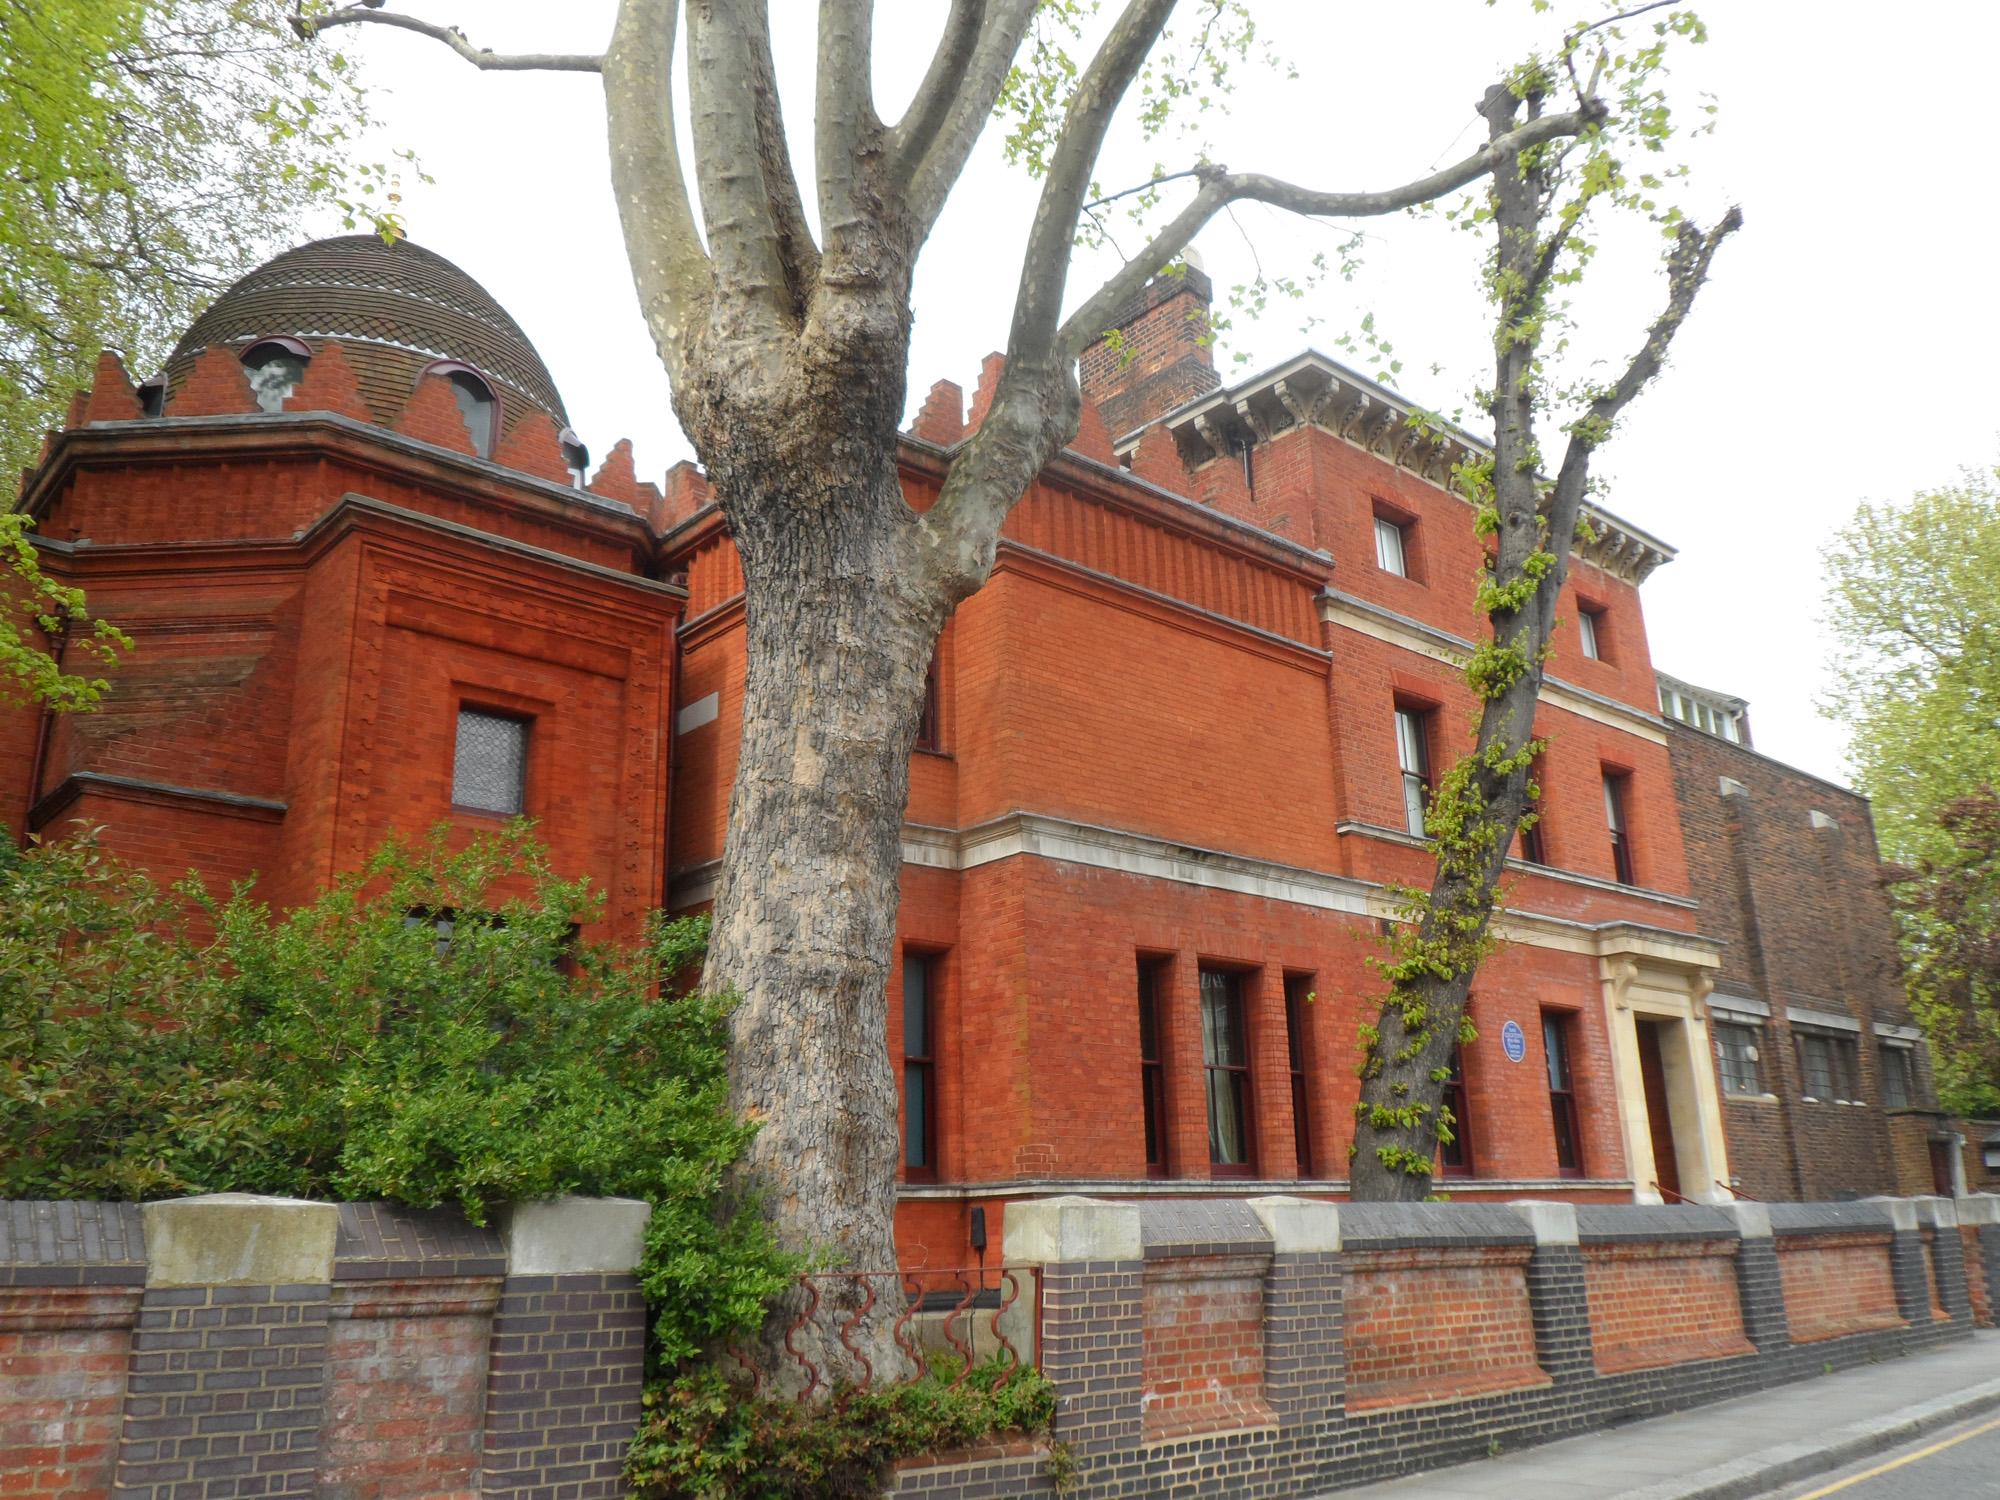 Open House London 2016 Leighton House exterior shot